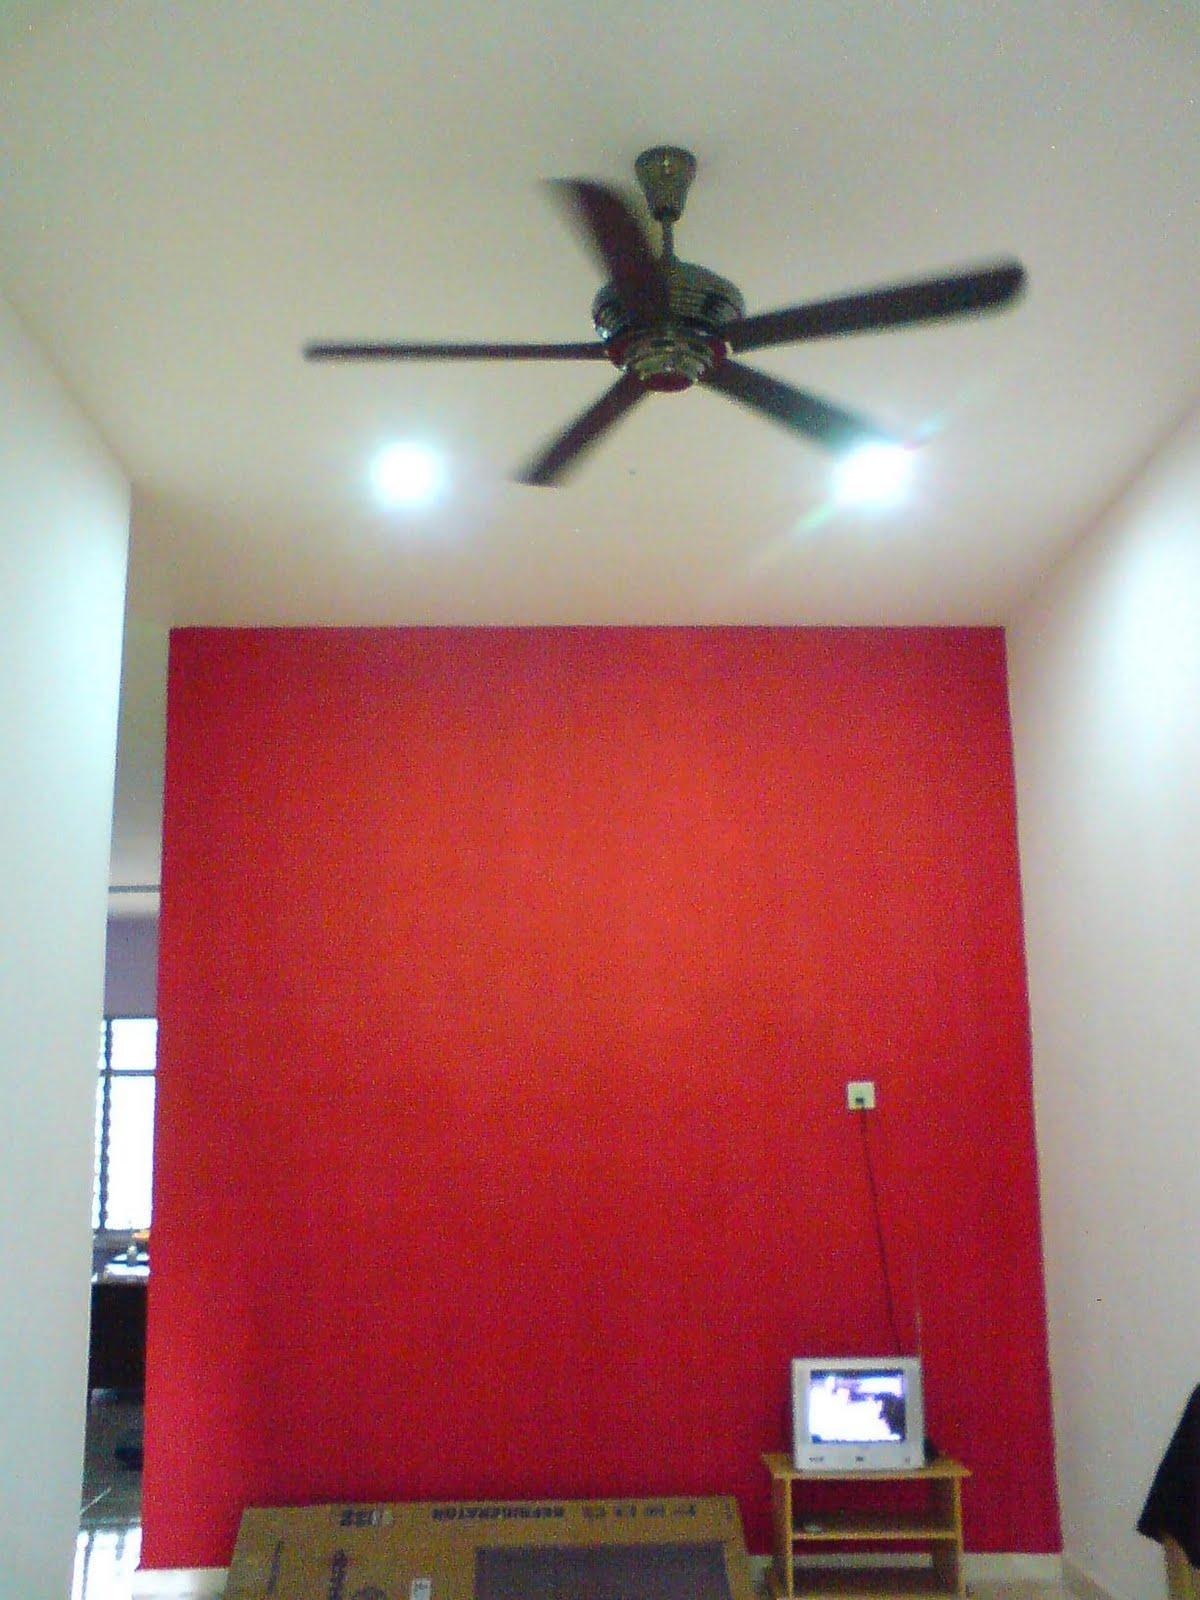 Ini Ruang Tamu Konsep Adalah Modern So Ni Nnt Akan Dipenuhi Dgn Segala Brg Yg Berwarna Merah Hitam Dan Putih Hehe